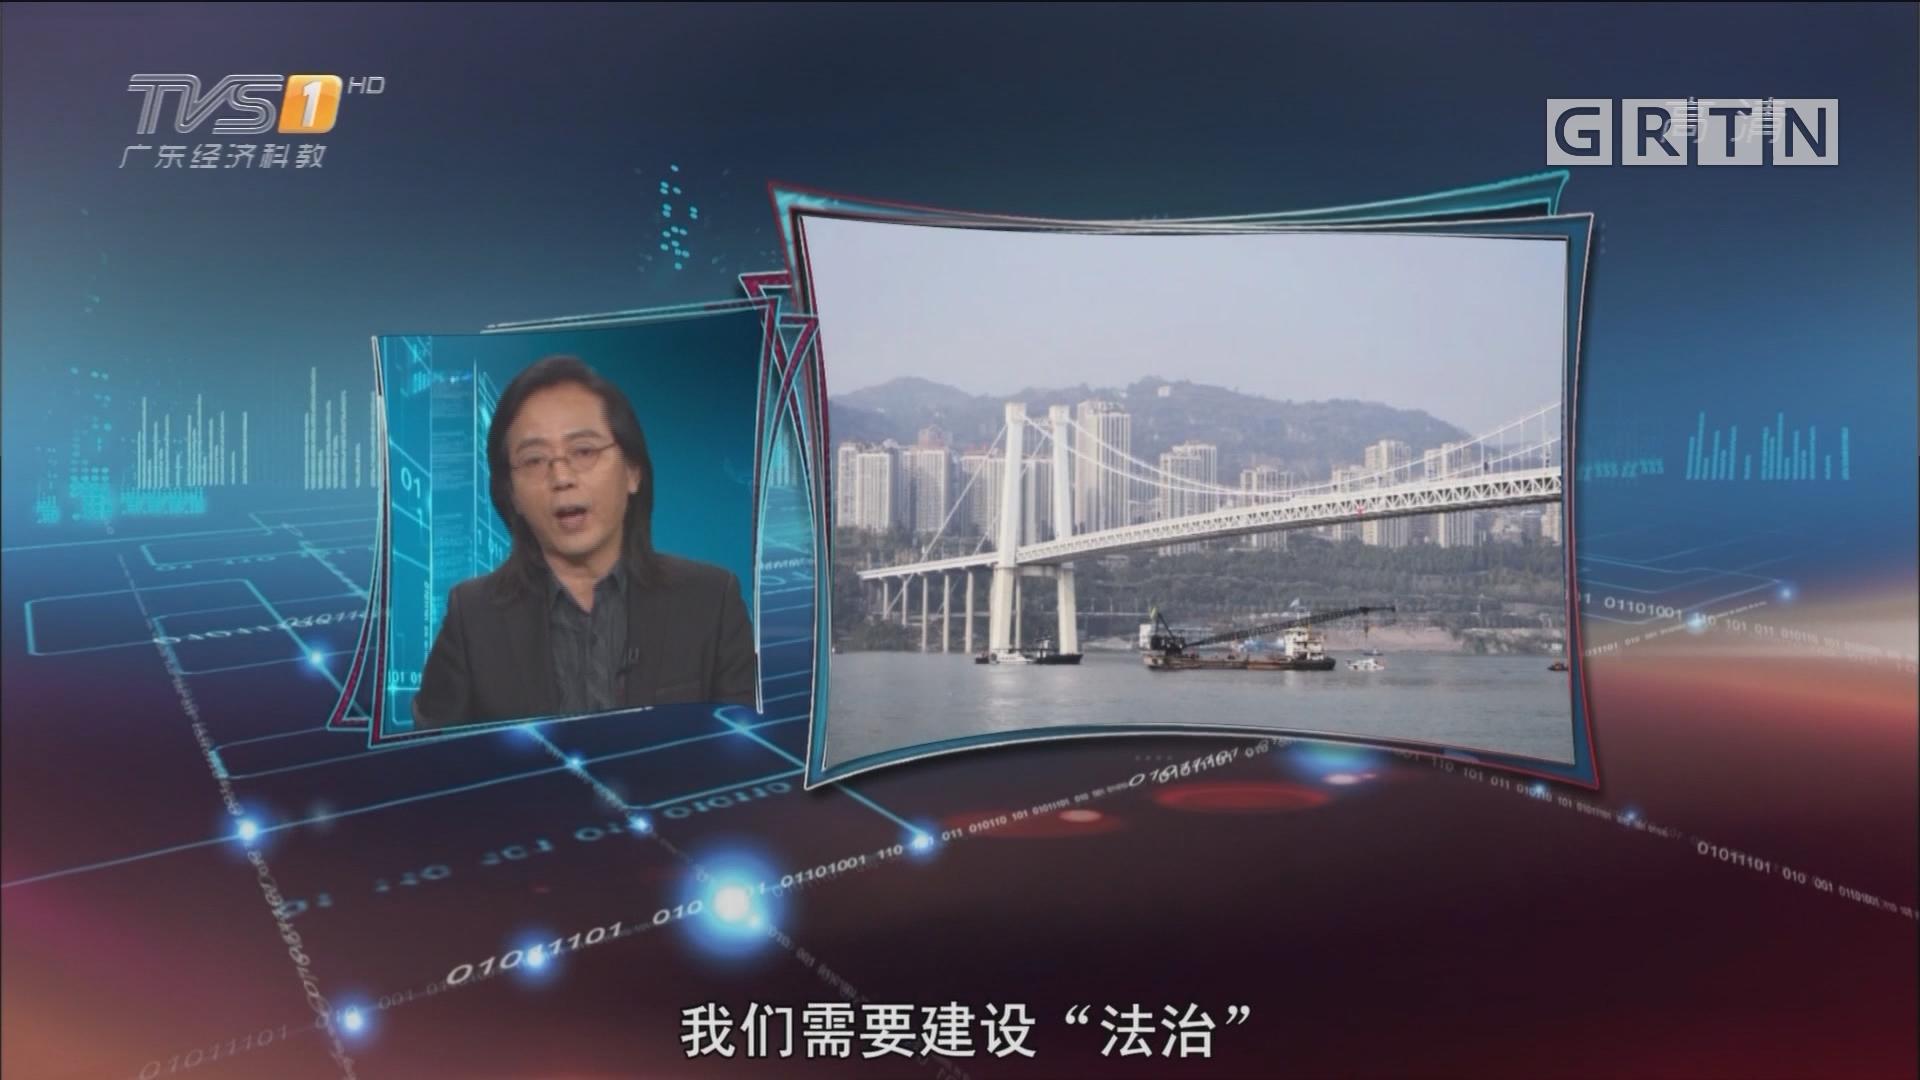 [HD][2018-11-05]马后炮:追问重庆公交坠江悲剧 我们是否需要文明自省